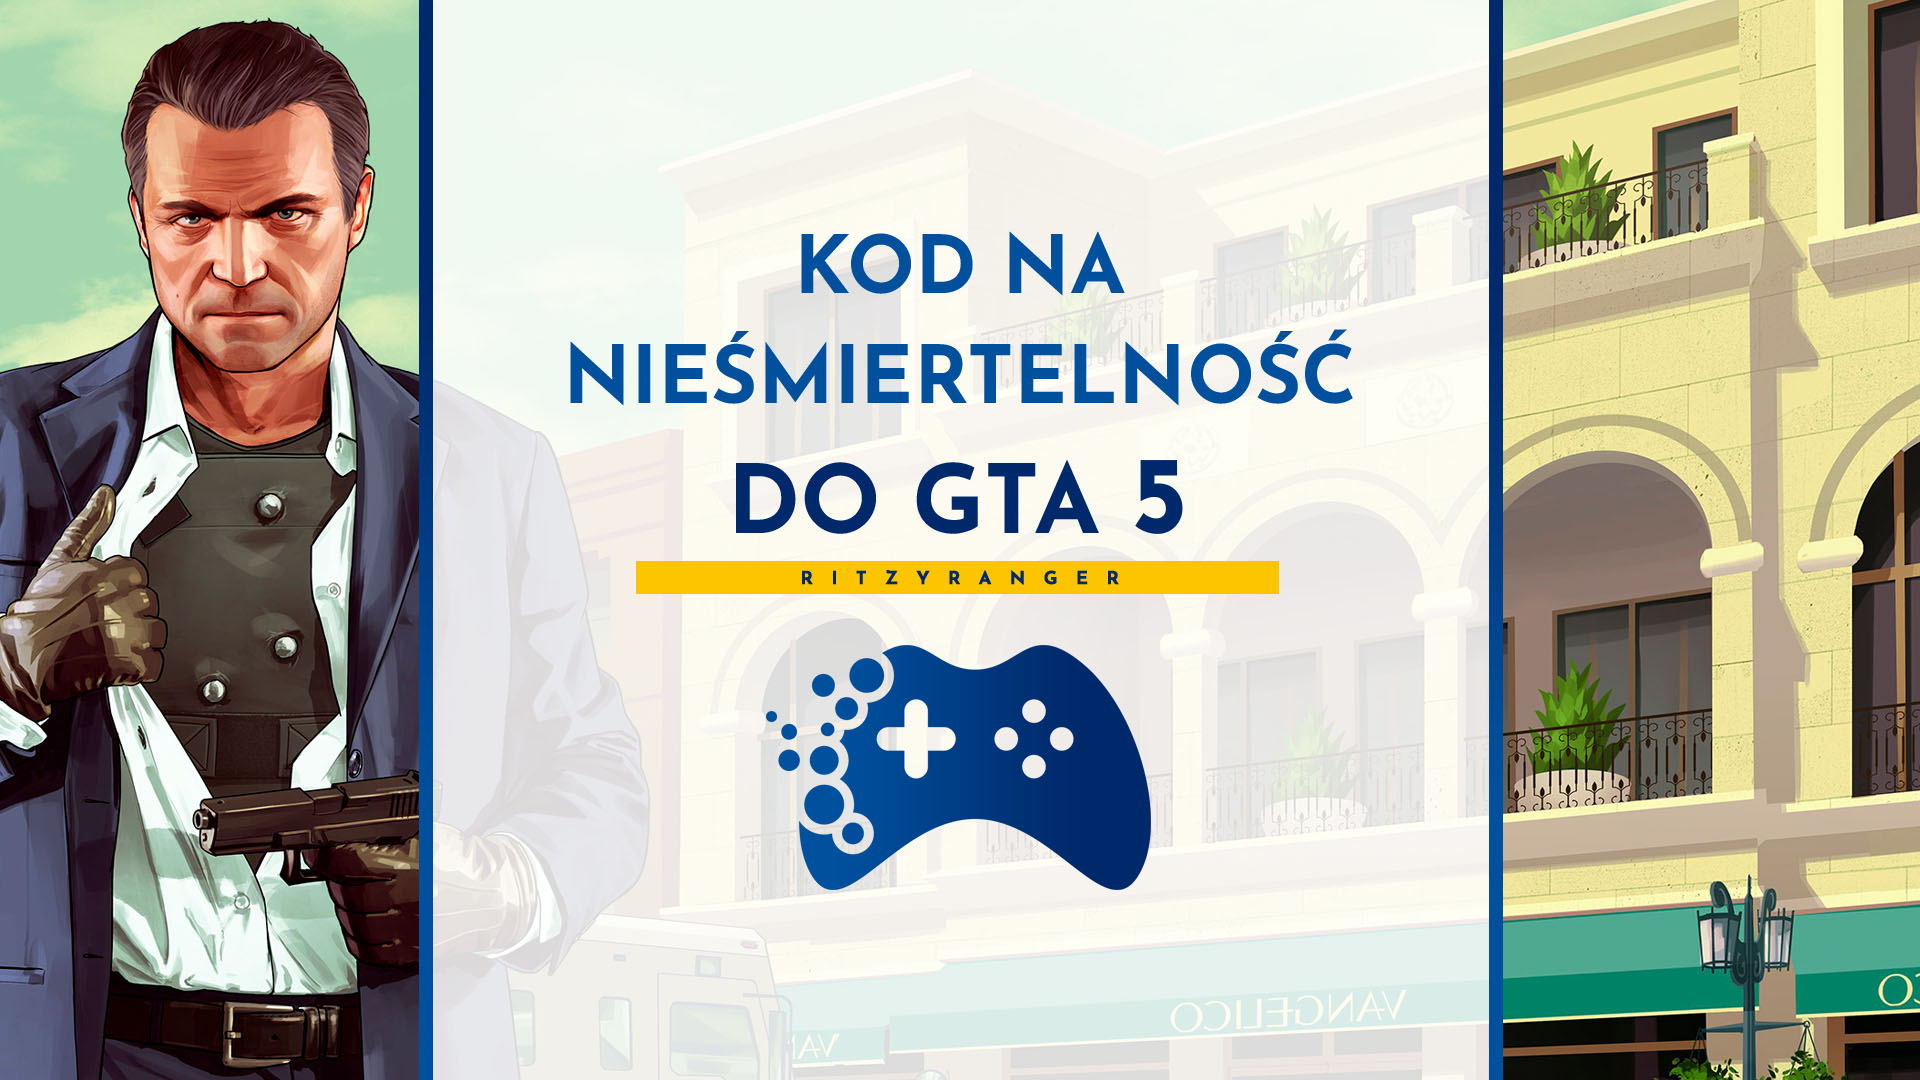 Kod na nieśmiertelność do GTA 5